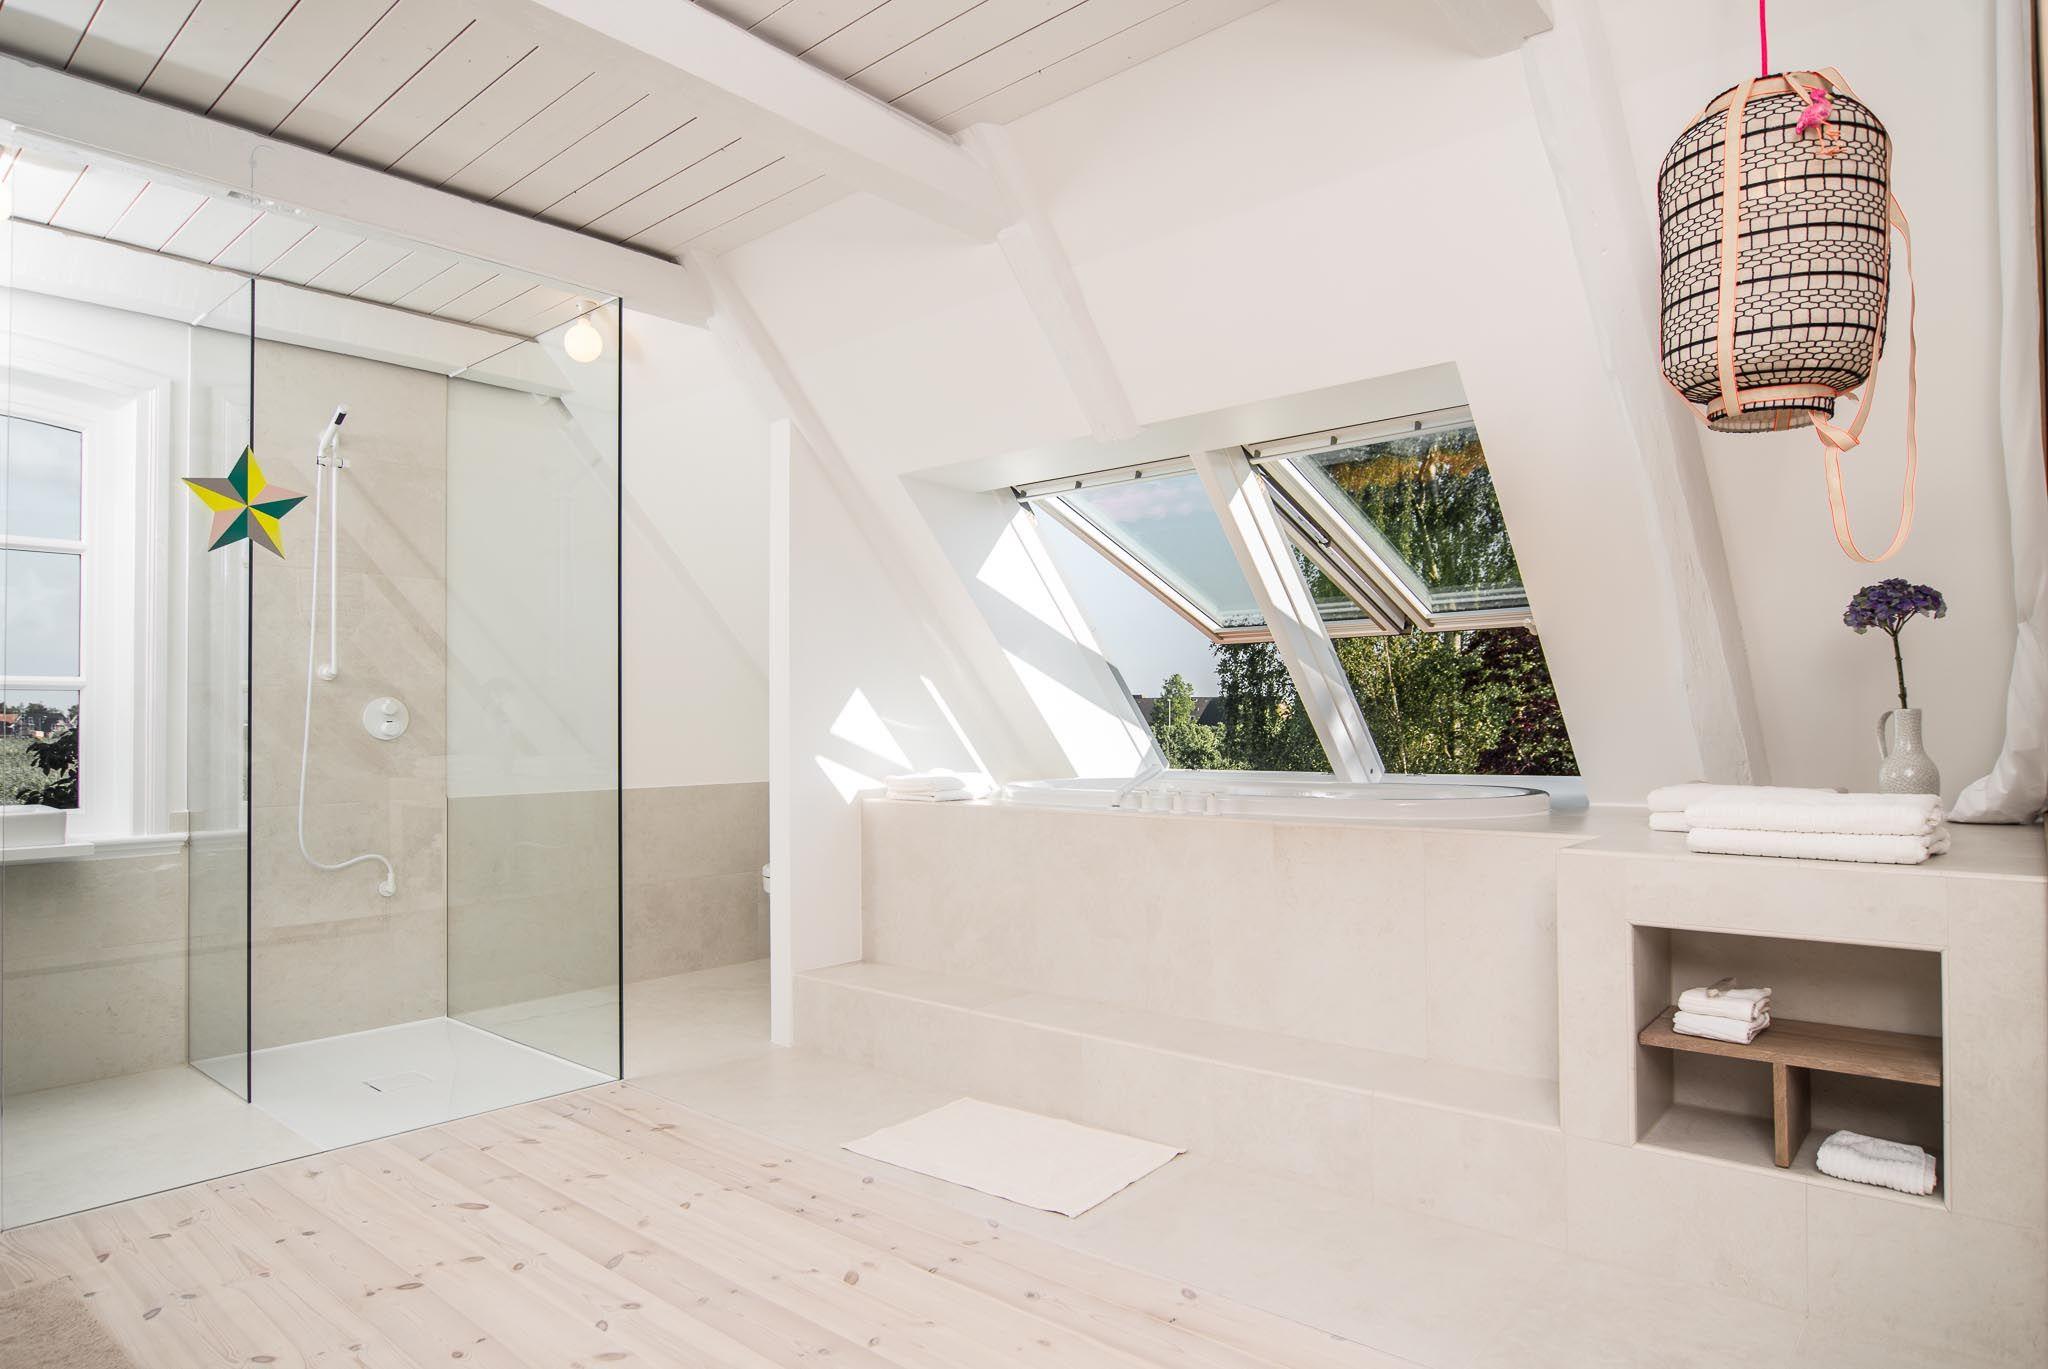 Trennwand Vorhang Holzboden Weiss Lack Balken Dornbracht Vollverglast Dusche Waschbecken Spiegel Sprossenfenster Ausblick B Duschwand Glas